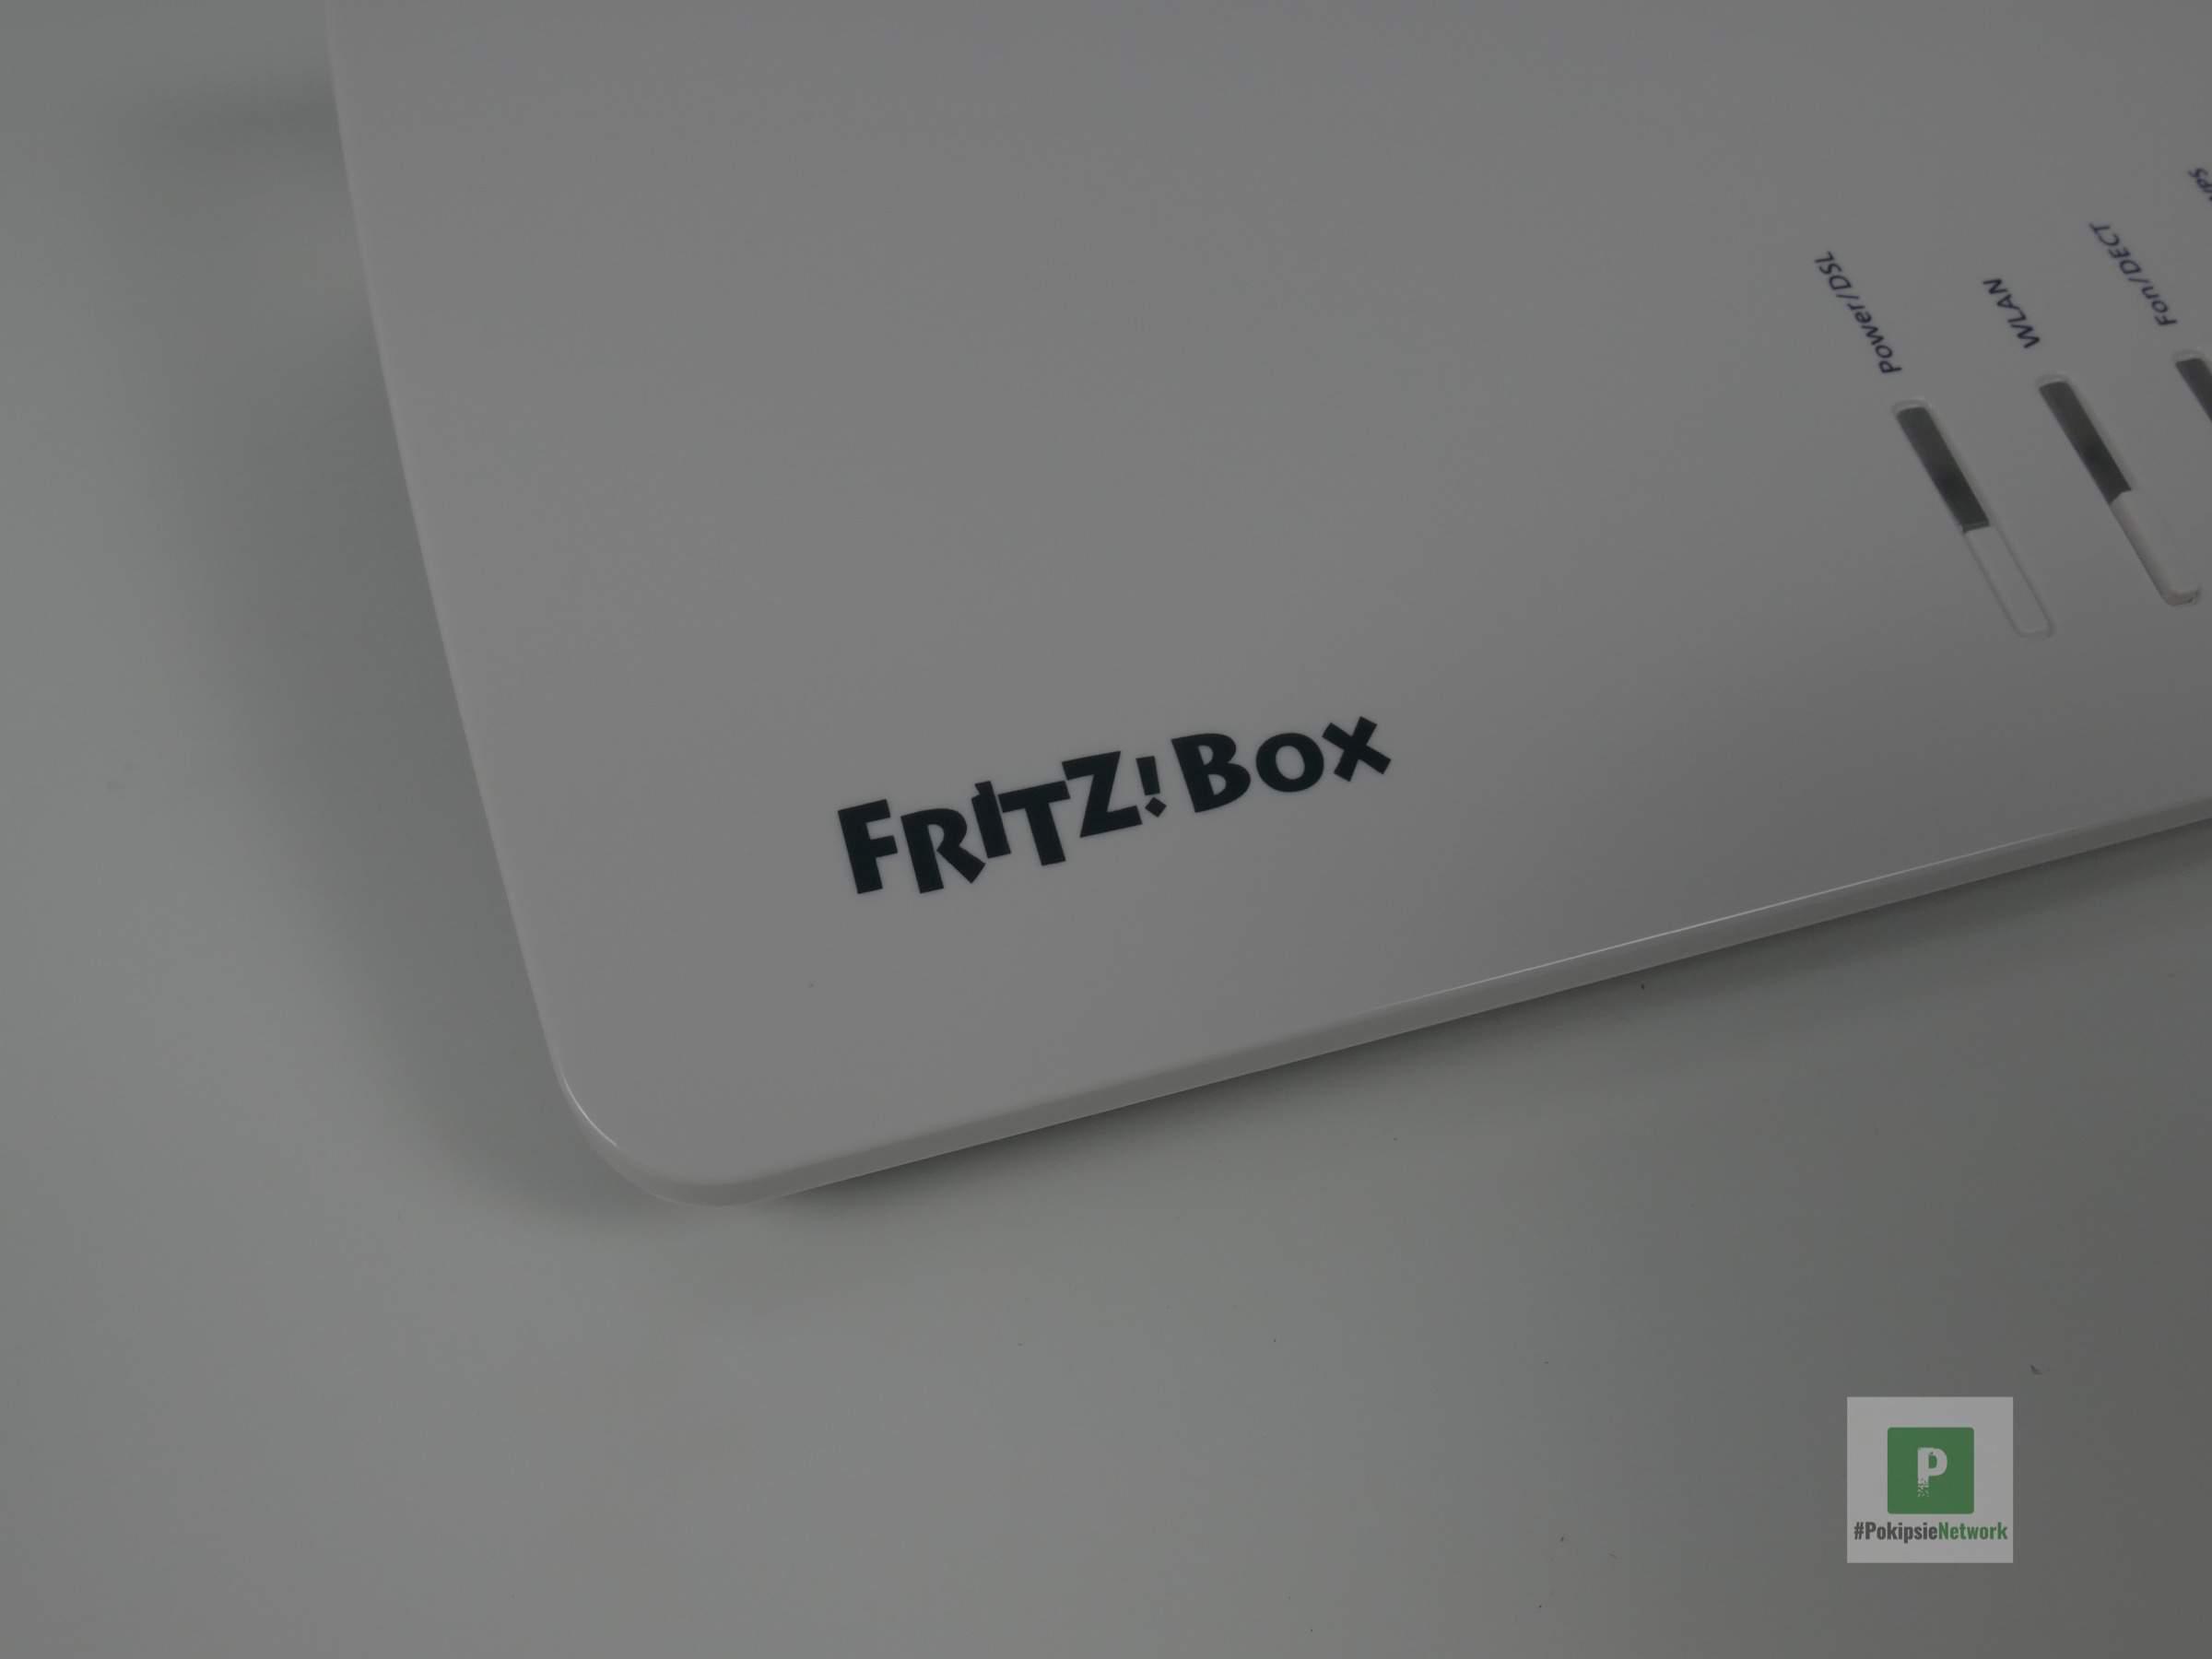 Der FRITZ!Box Brand